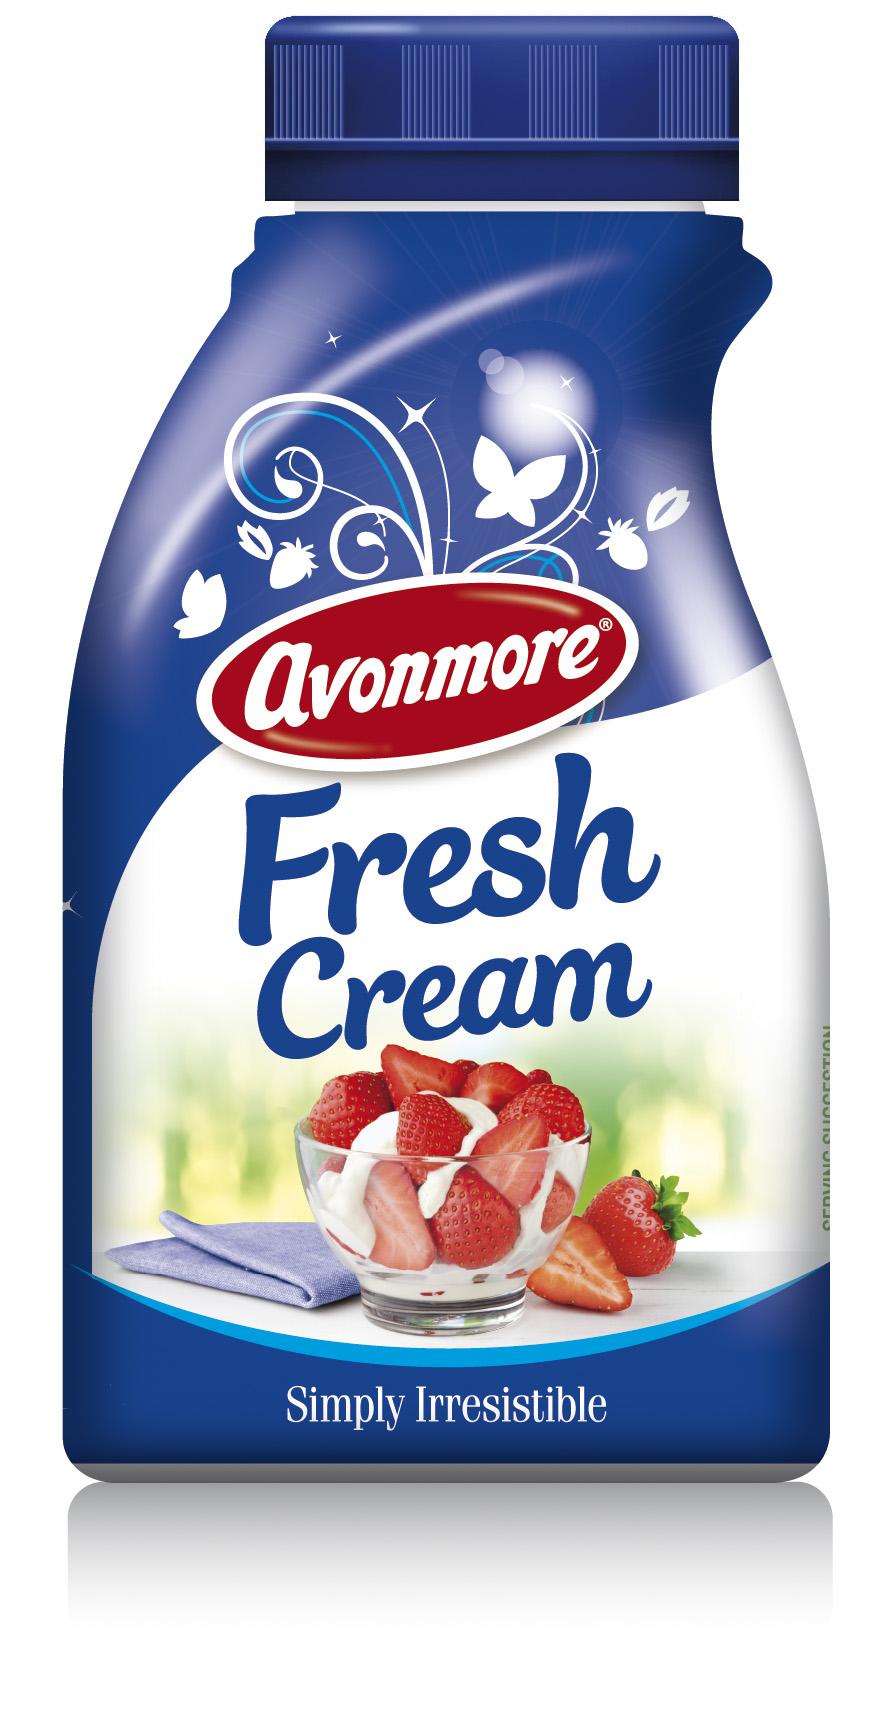 Avonmore Fresh Cream